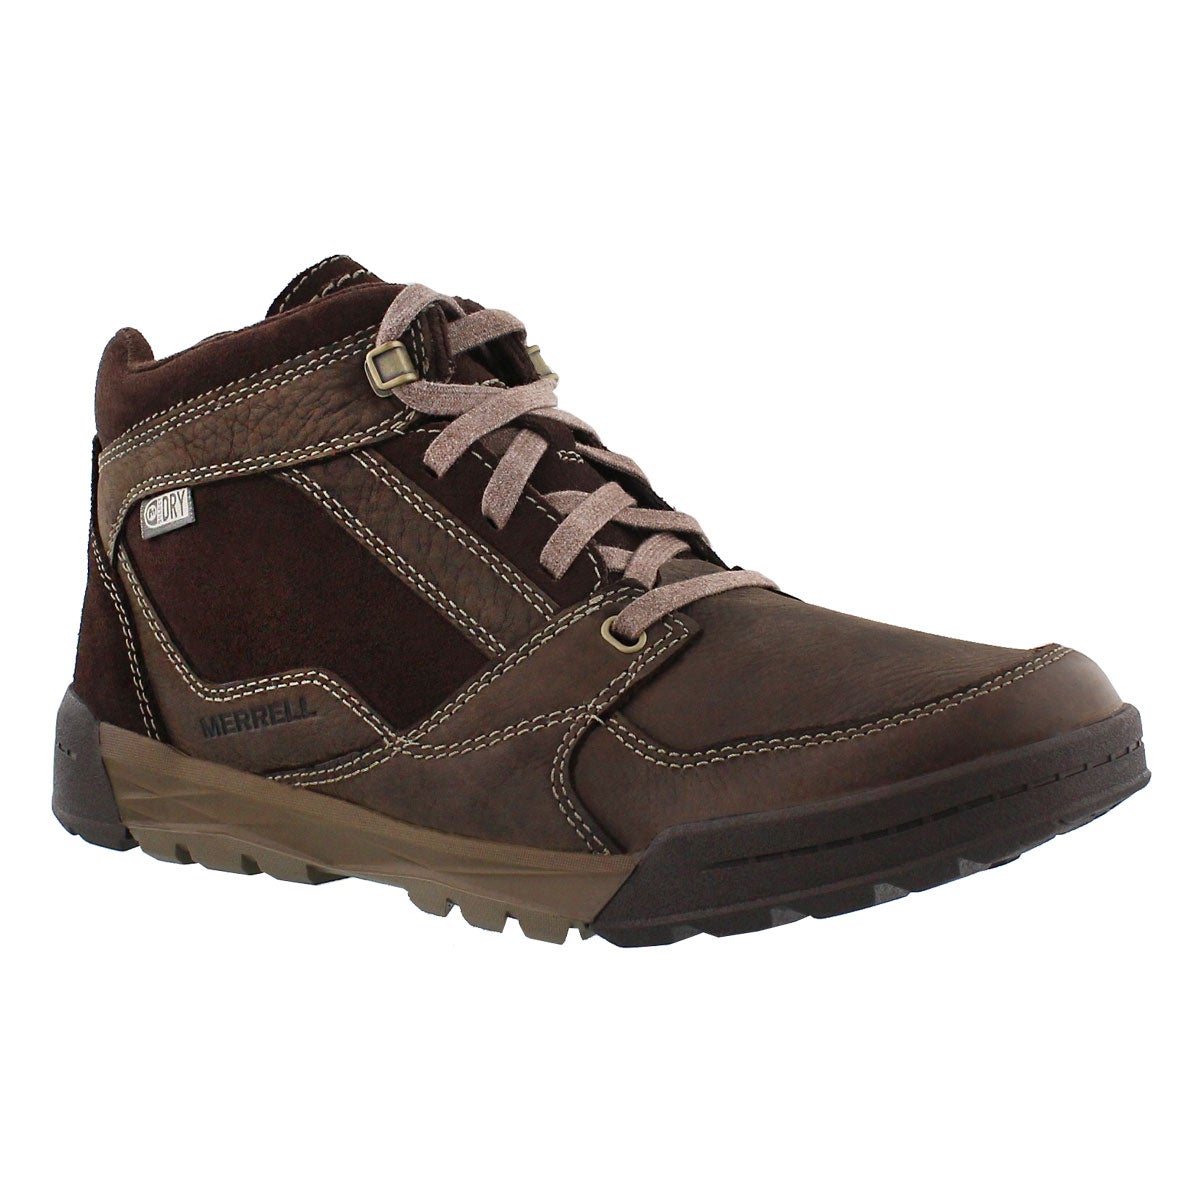 Mns Berner Mid espresso wtpf hiking boot